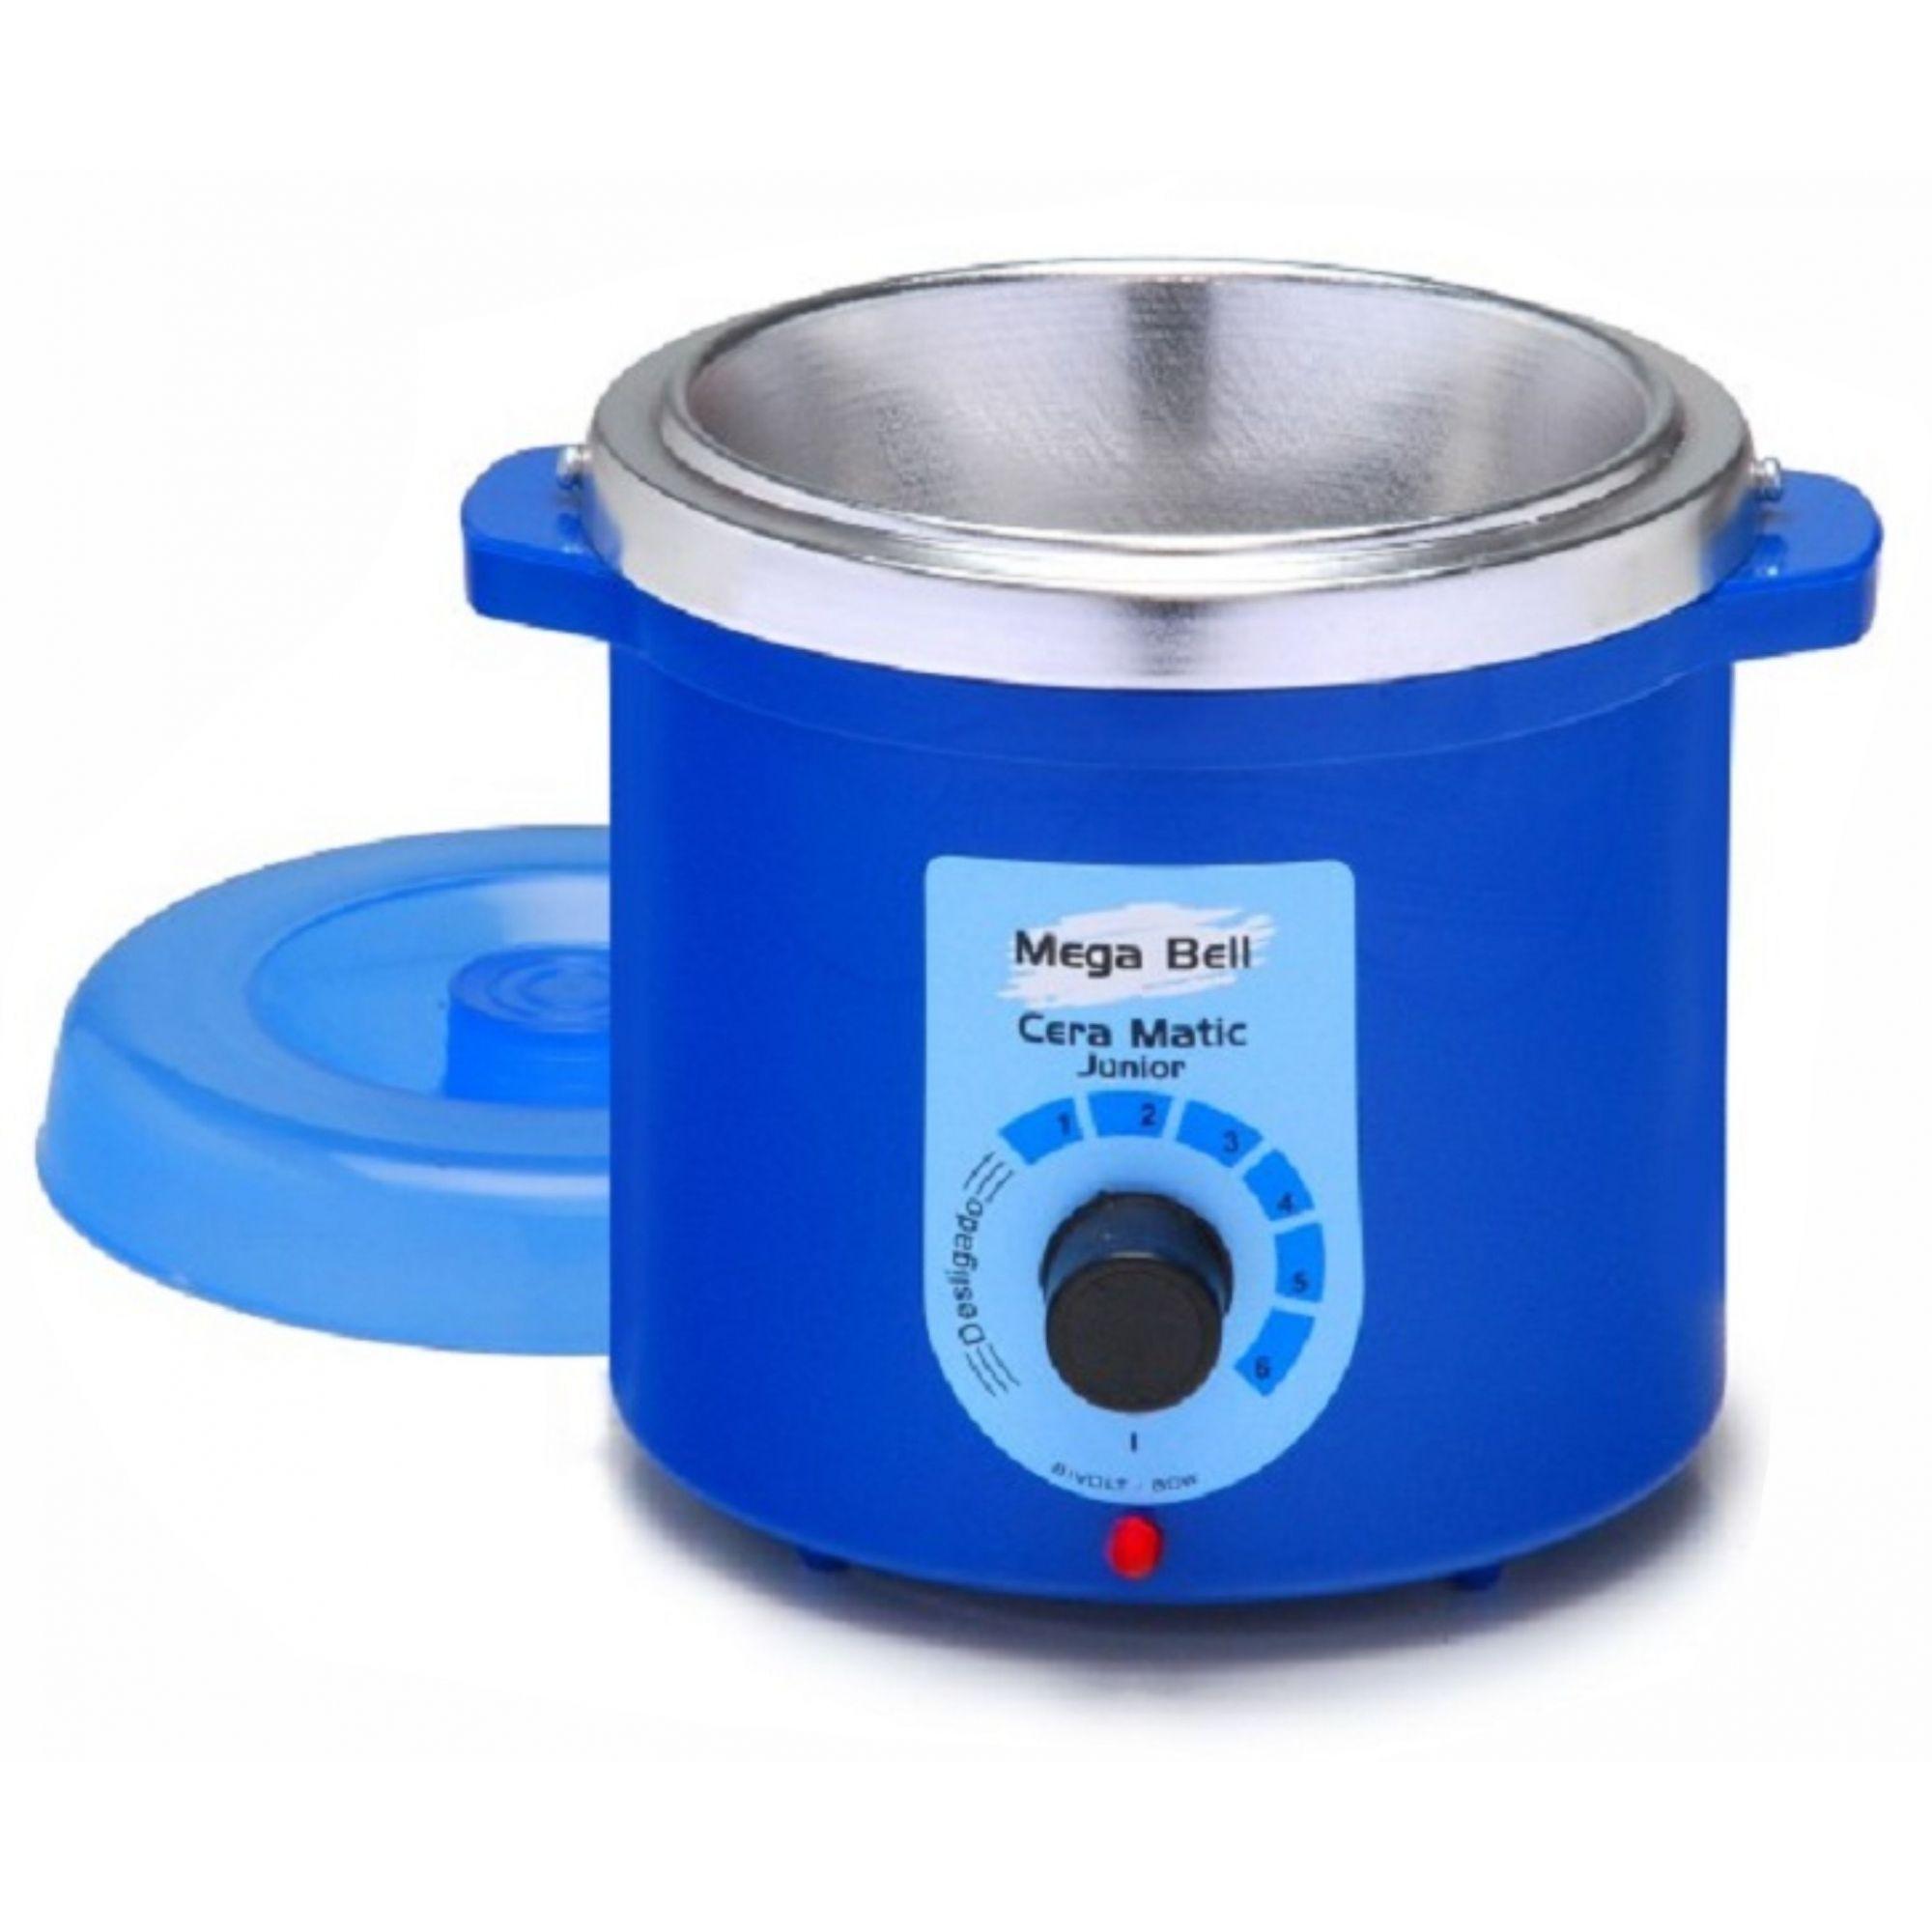 Termocera Aquecedor de Cera Junior 400g Bivolt Mega Bell - Cor Azul